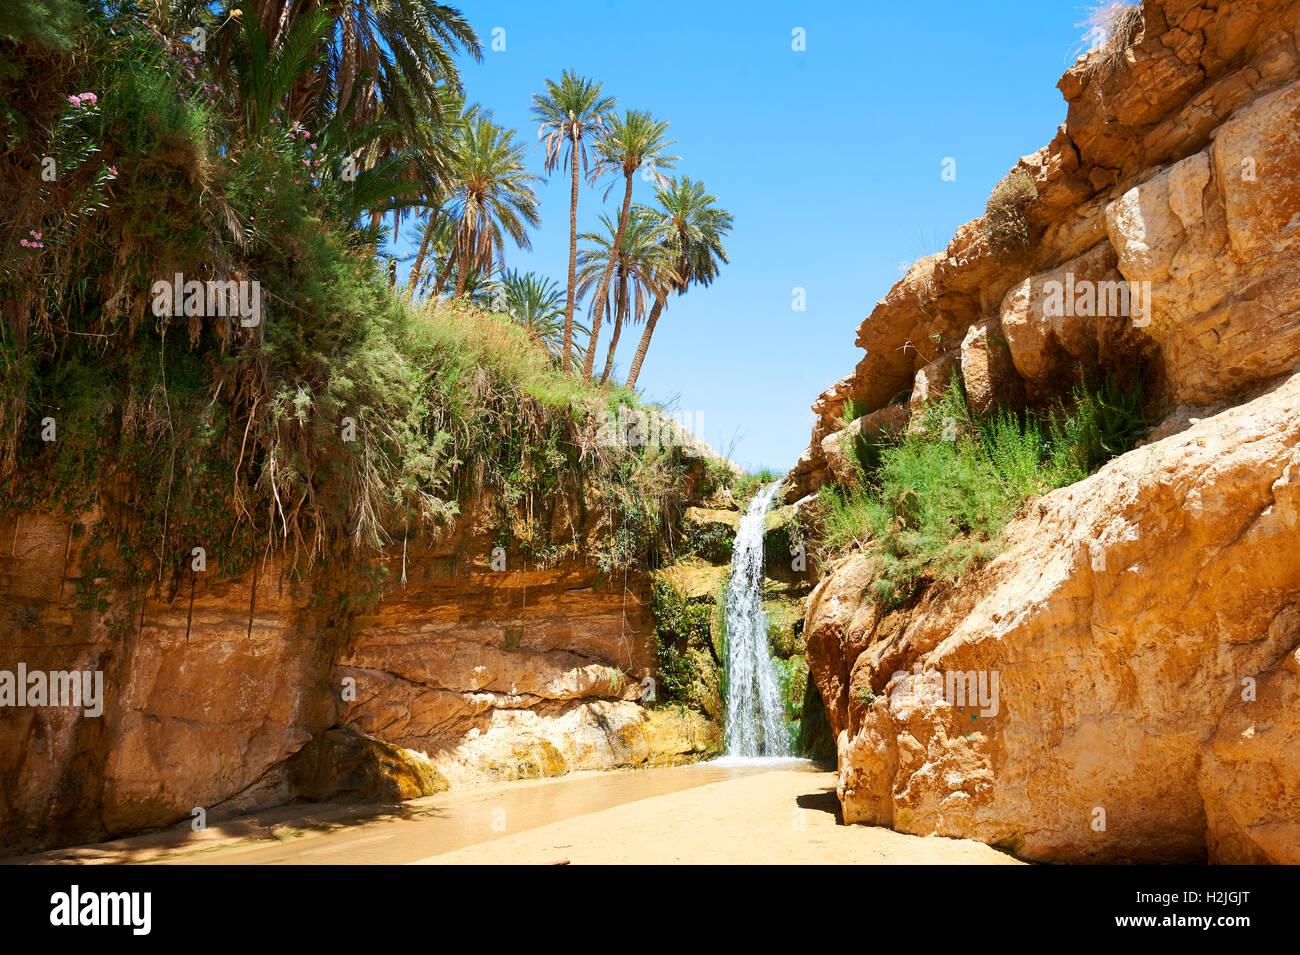 MIDES Schlucht Wasserfall unter der Dattelpalmen der Wüste Sahara Oasis of Mides, Tunesien, Nordafrika Stockbild